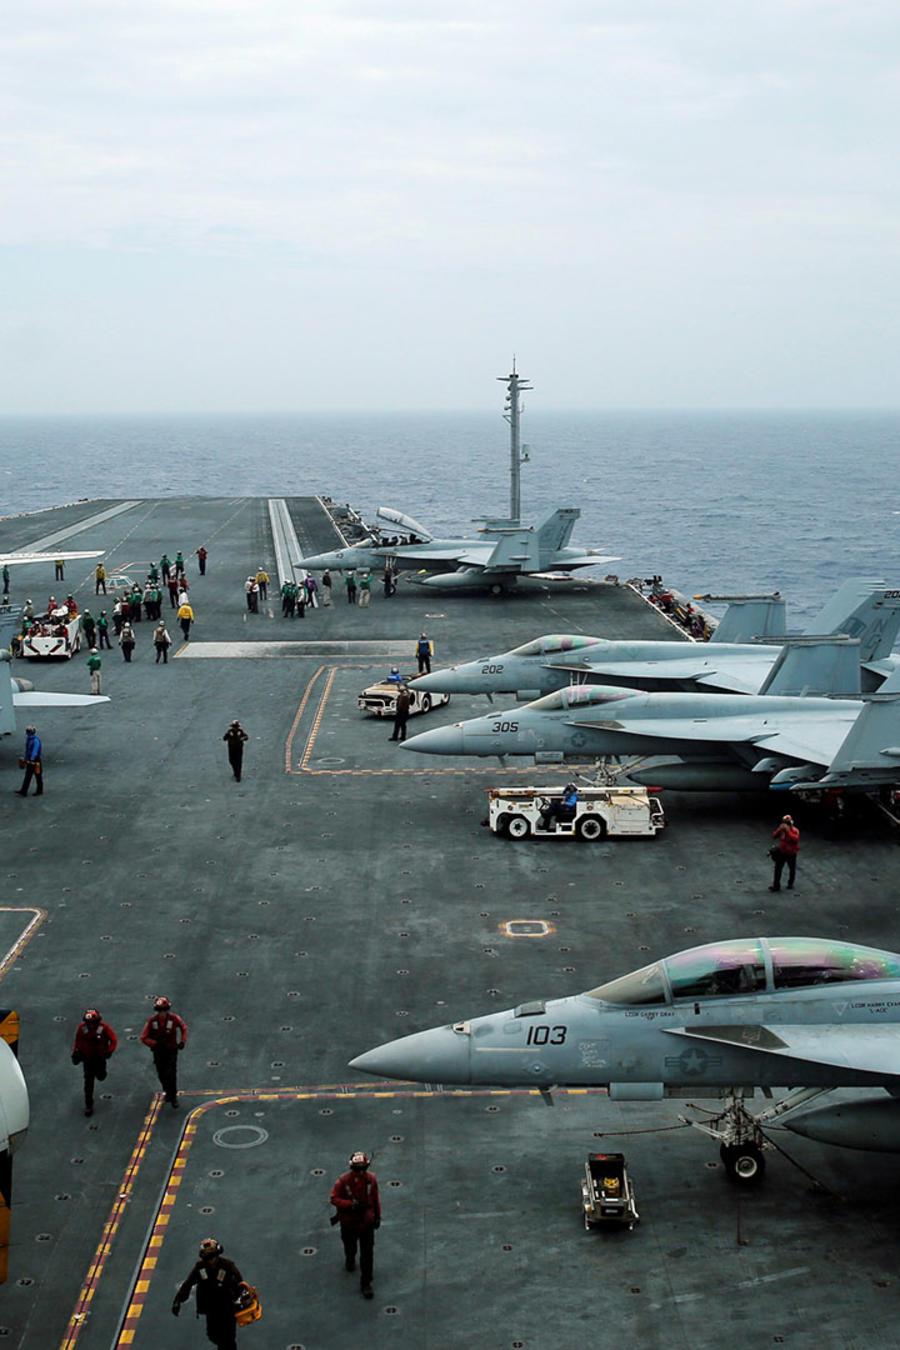 Aviones F18 y E-2D Hawkeye son vistos en el portaviones John C. Stennis durante una operación militar conjunta llamada Malabar entre Japón, Estados Unidos e India.